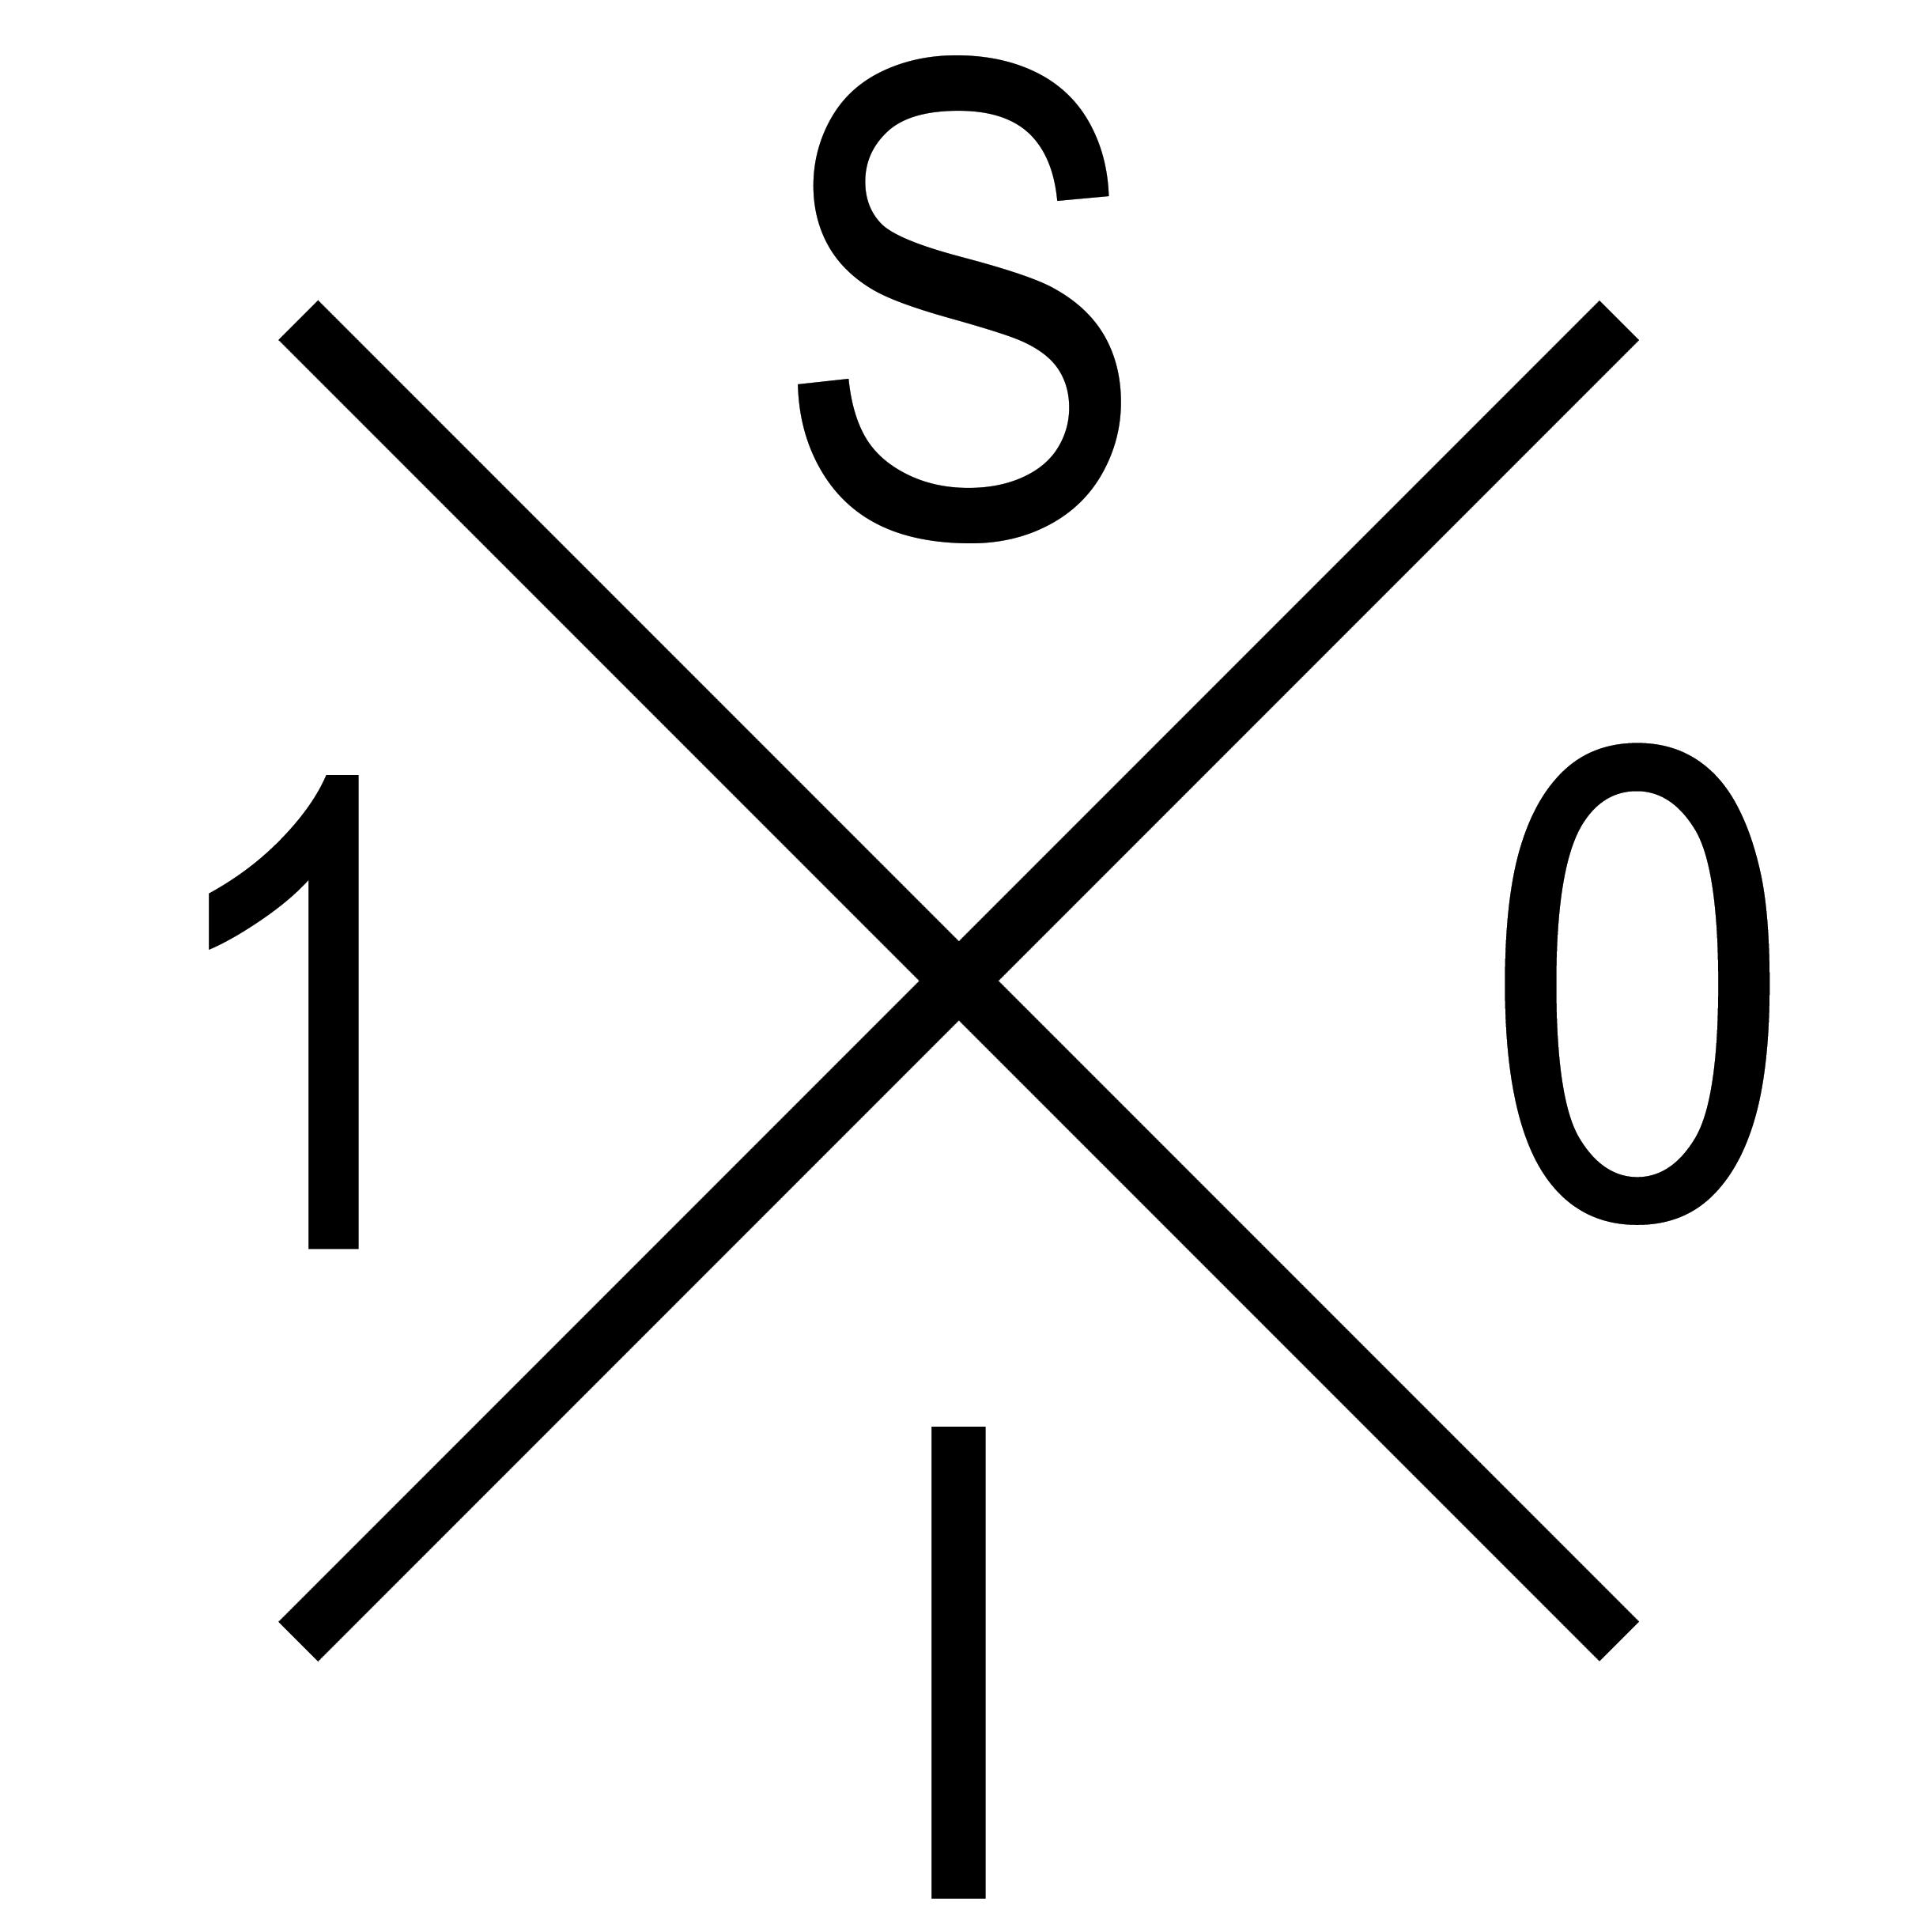 1SIX0